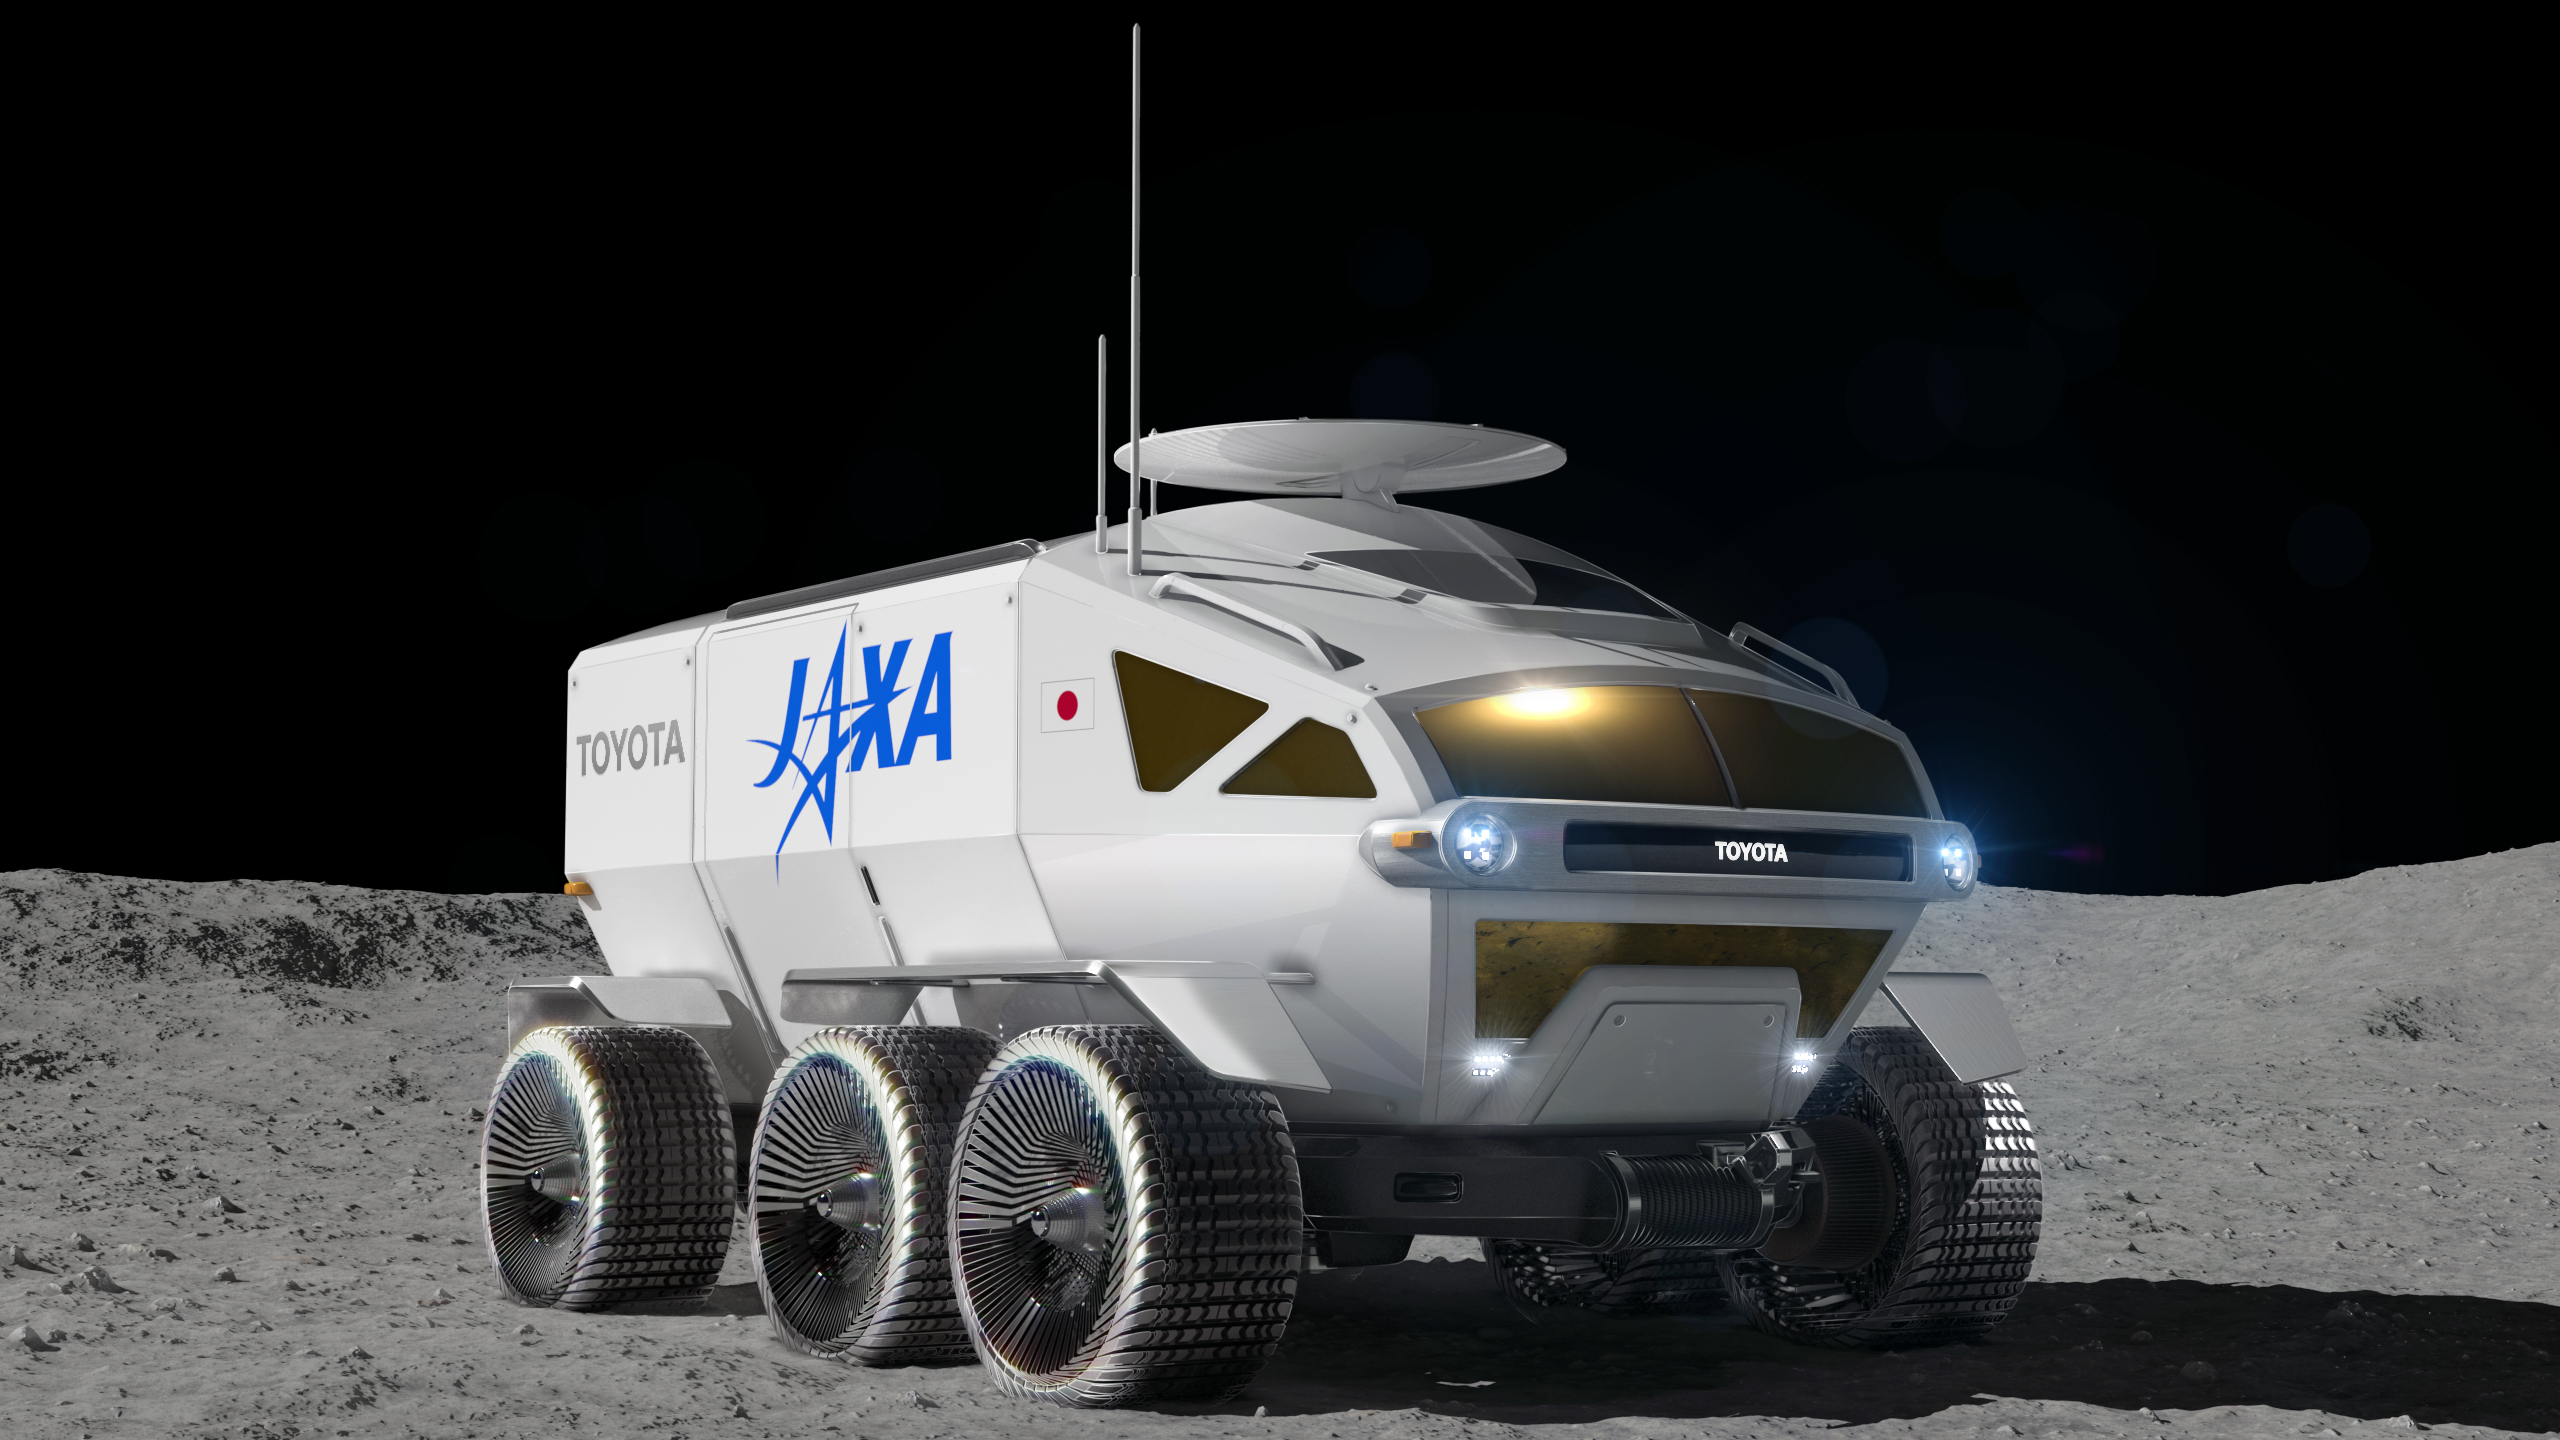 「アルテミス」計画で合意、 NASAは重要パートナーに なぜ日本を選んだのか?